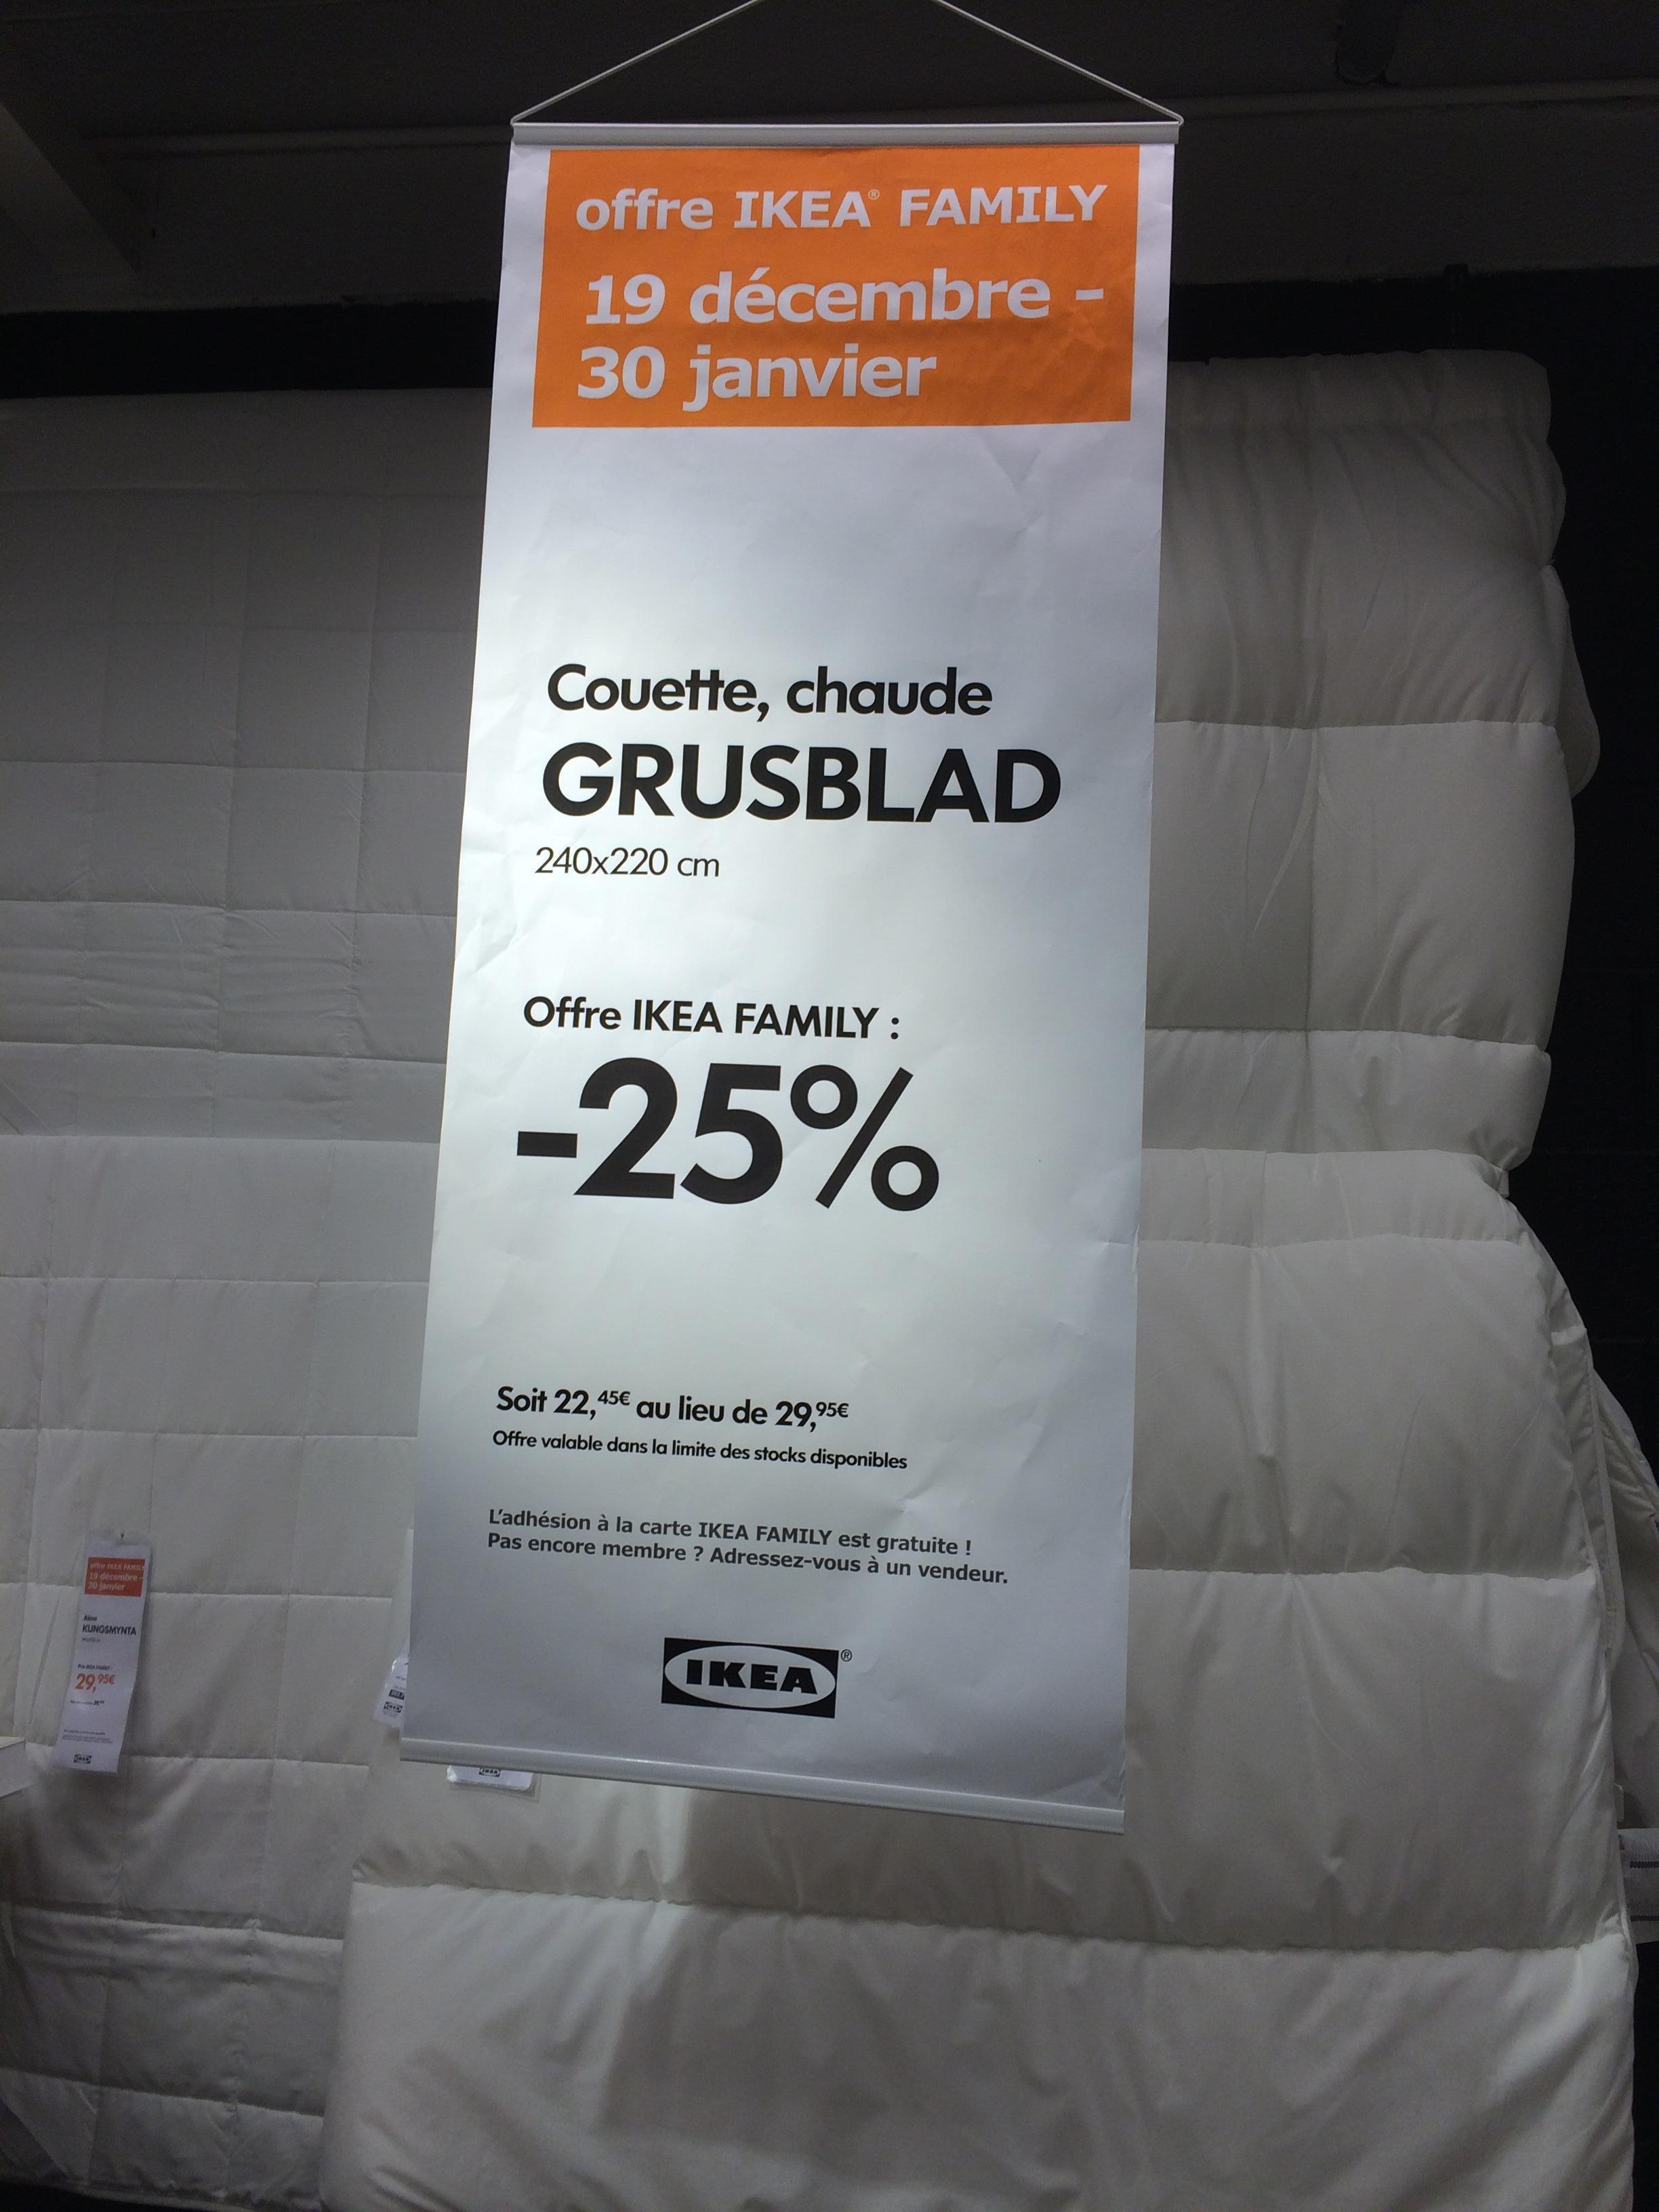 [Membres Ikea Family] Couette chaude Grusblad (240 x 220 cm)